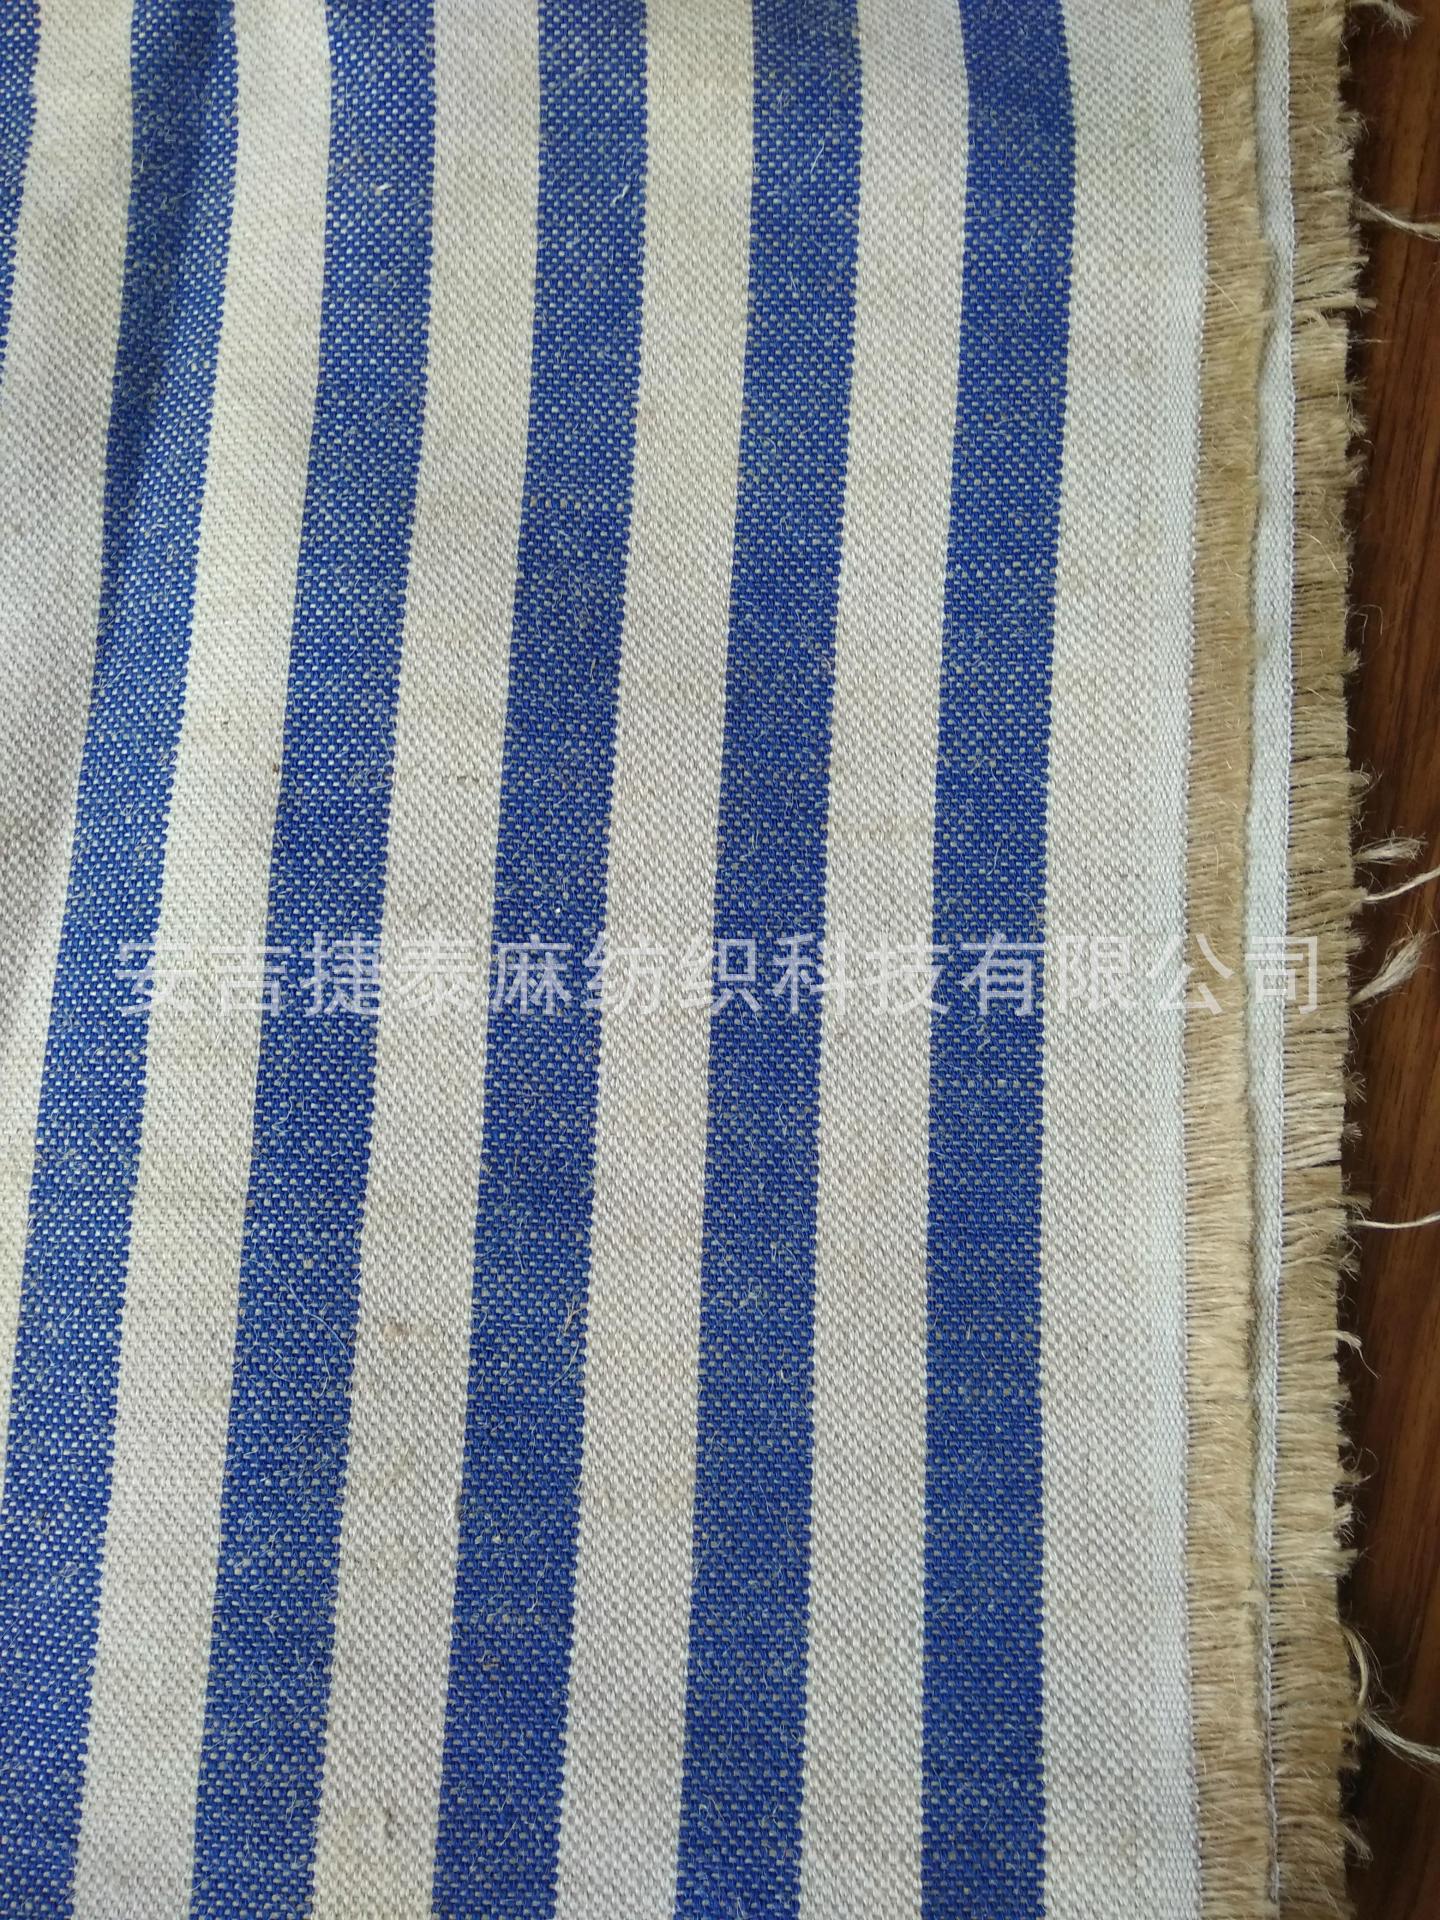 Vải Cotton pha Bông và vải lanh đan xen sợi dệt Bông và vải lanh pha trộn sợi dọc dệt đơn